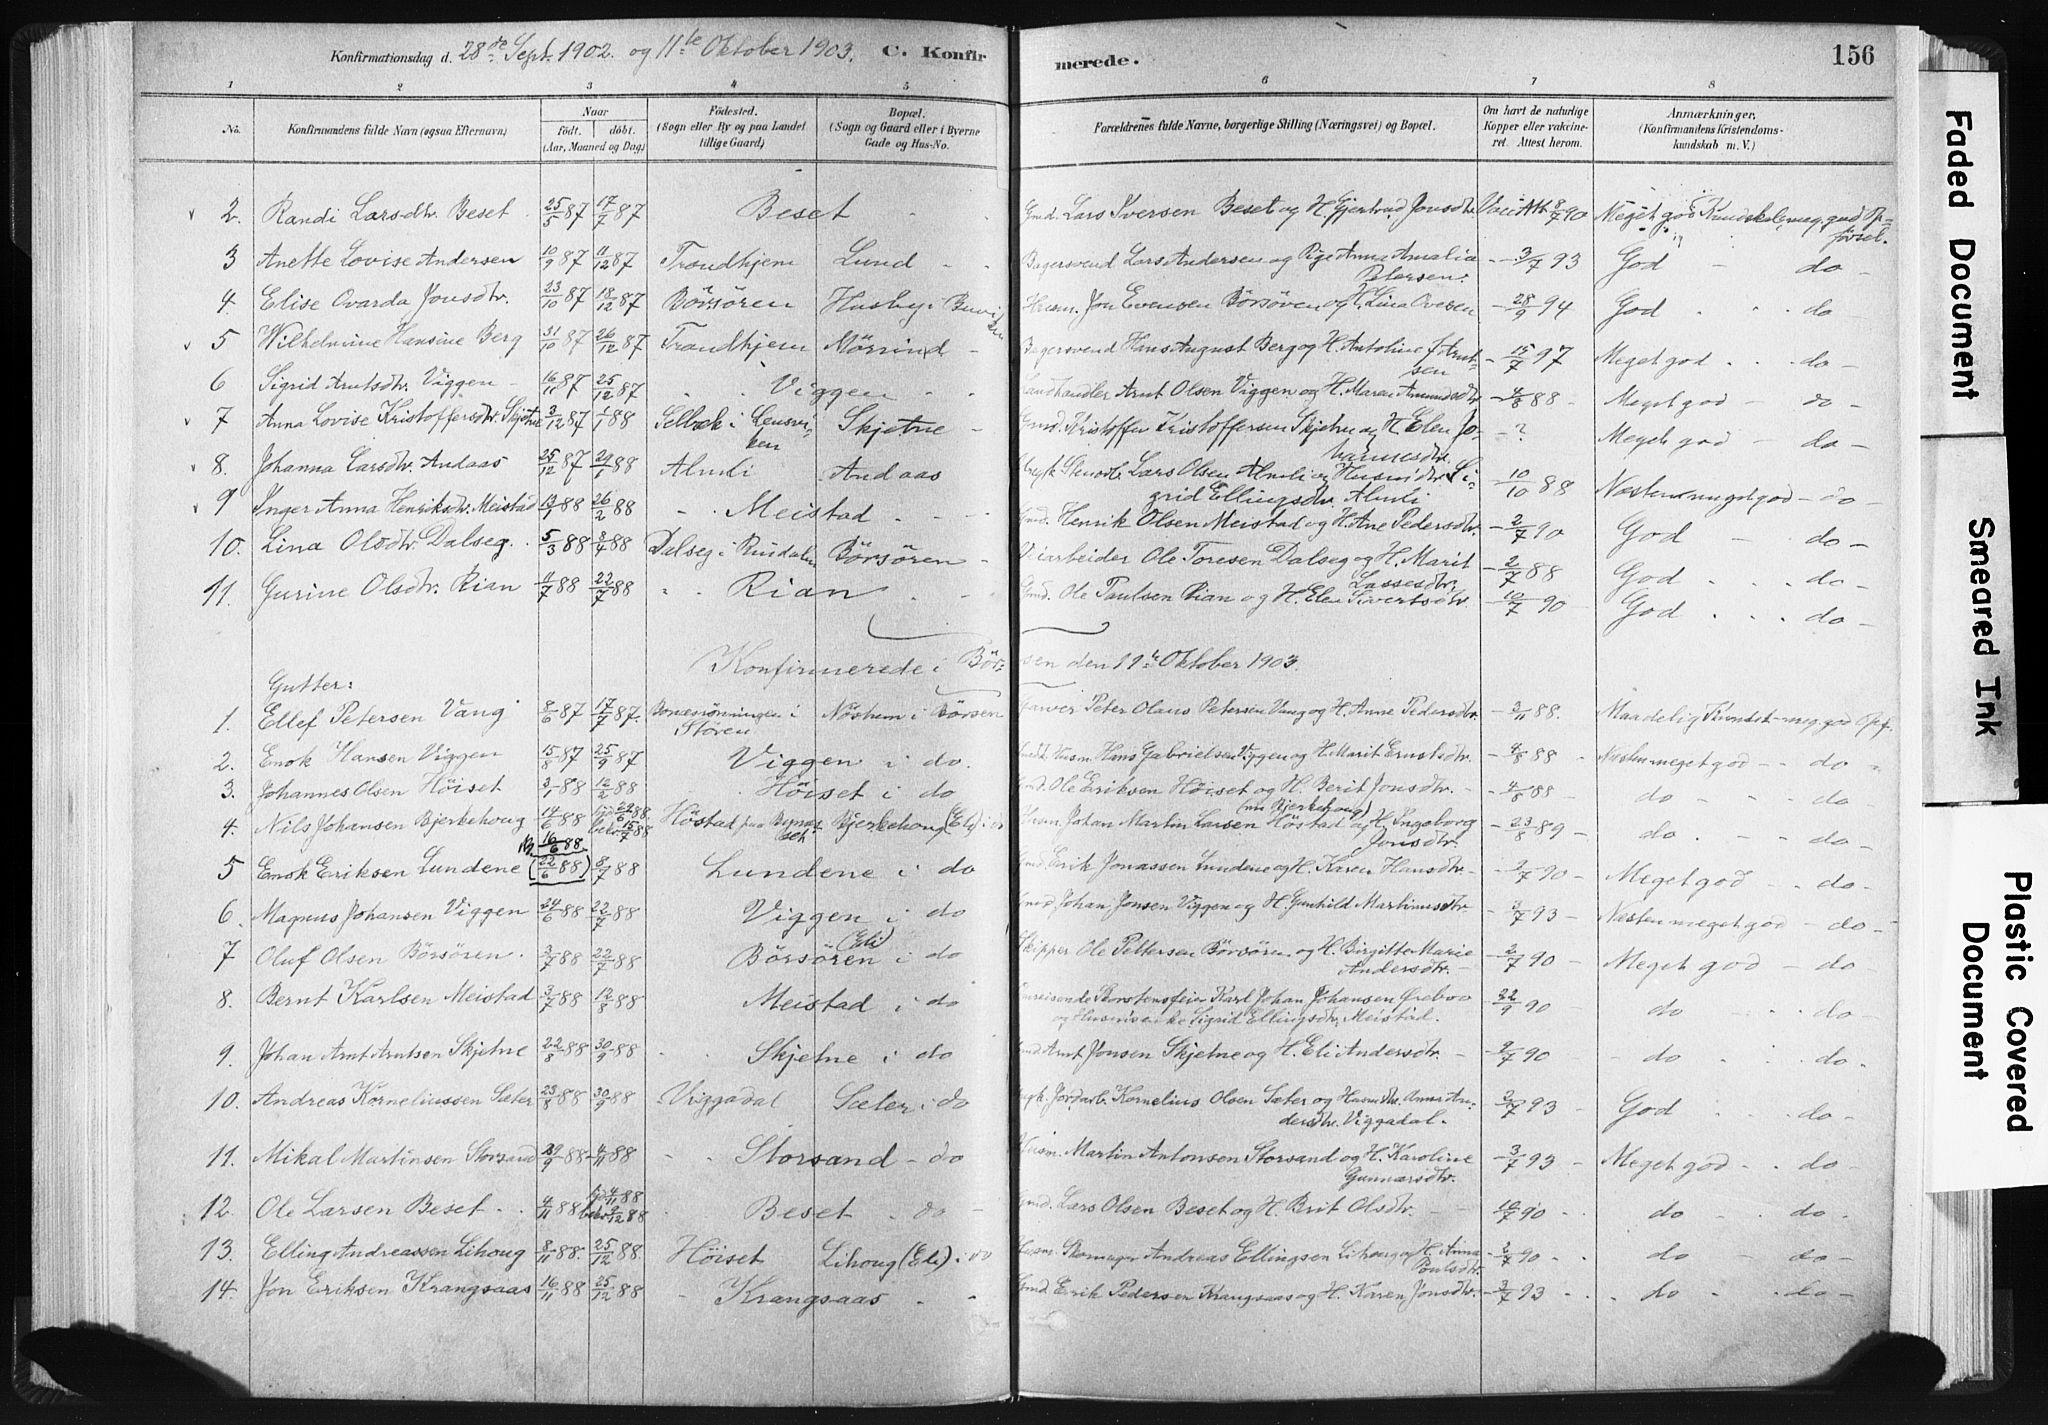 SAT, Ministerialprotokoller, klokkerbøker og fødselsregistre - Sør-Trøndelag, 665/L0773: Ministerialbok nr. 665A08, 1879-1905, s. 156